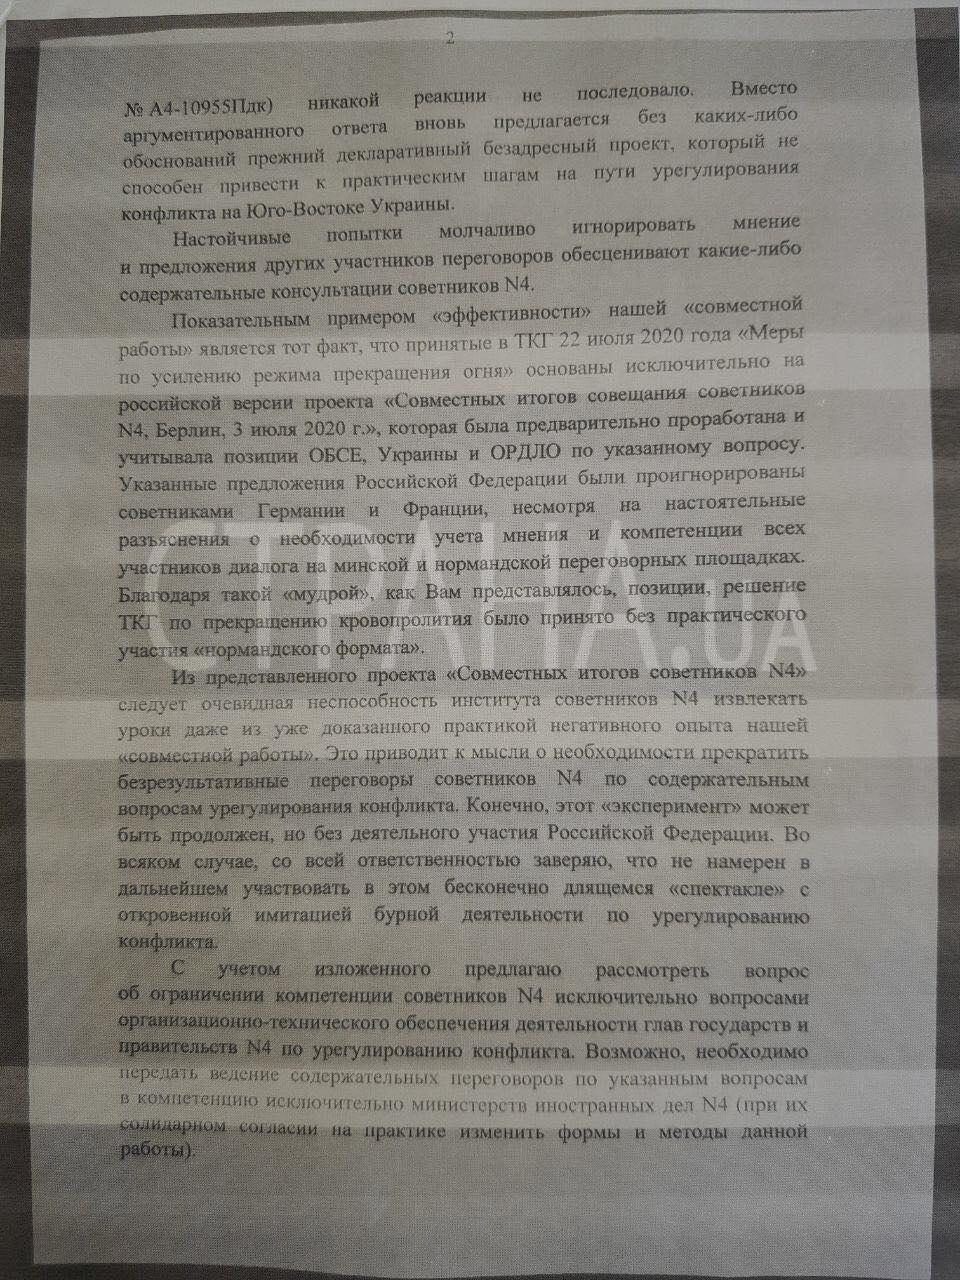 Росія припиняє переговори з Єрмаком щодо Донбасу. Документ